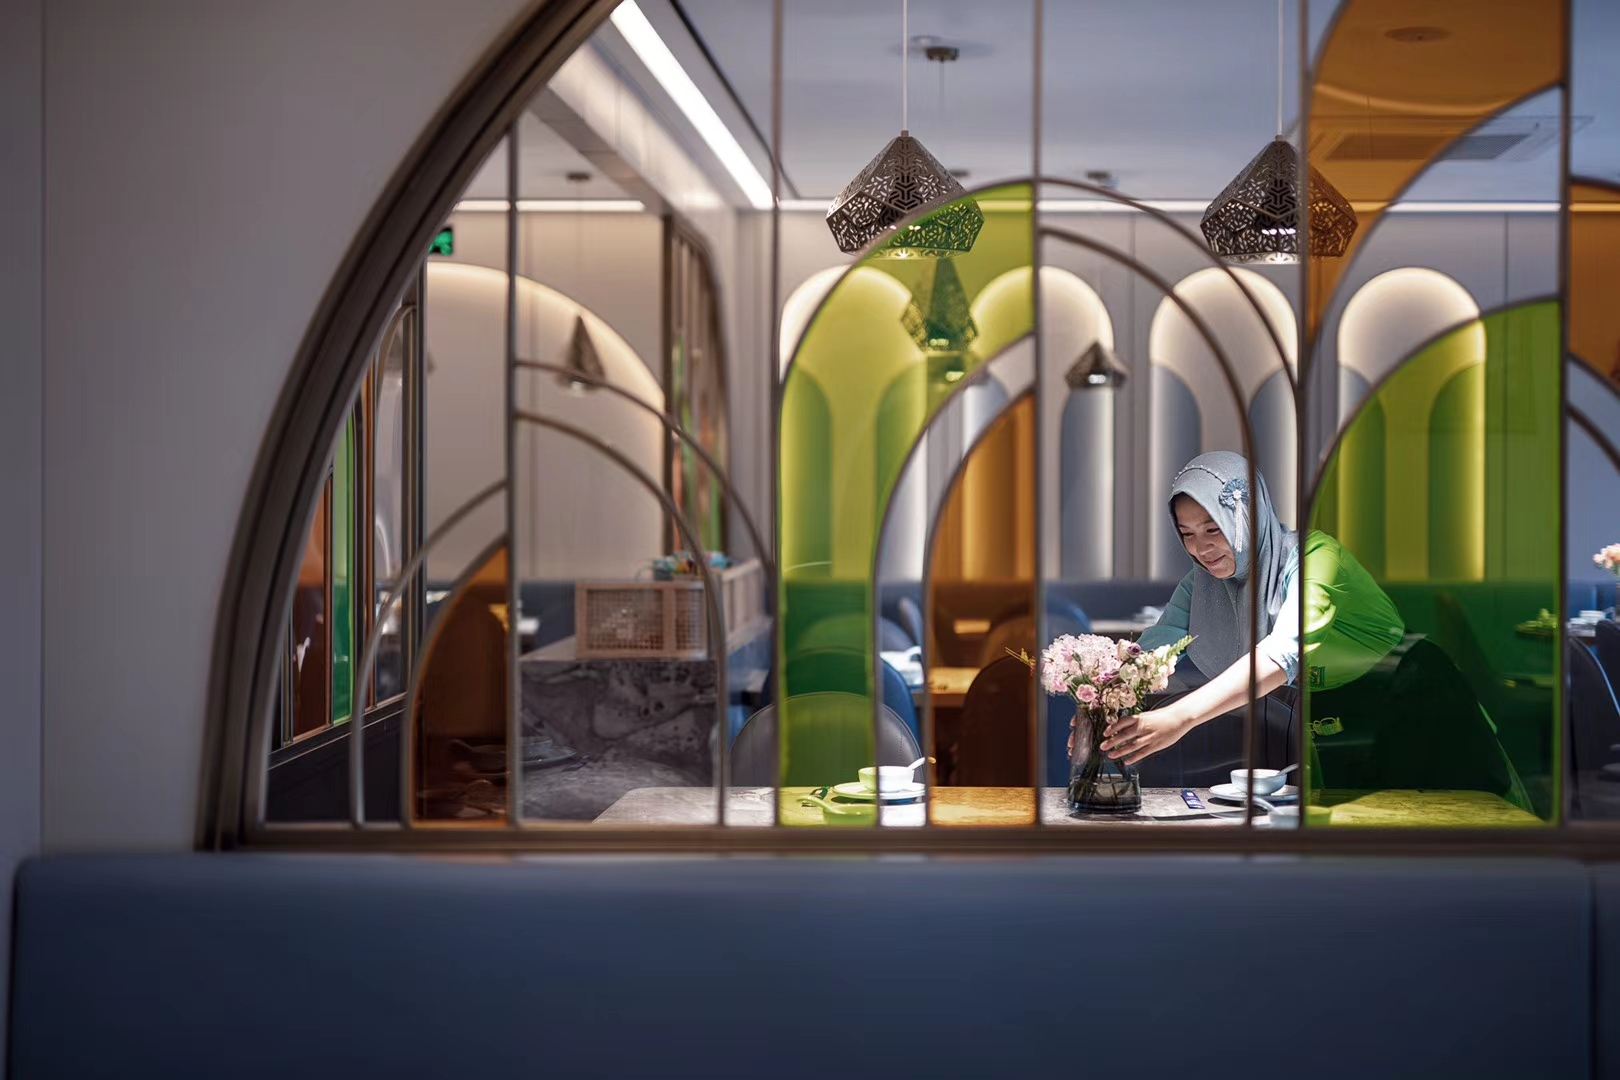 品味回西北菜餐厅设计-杭州餐厅设计-杭州达岸品牌策划设计公司6dccf3dde4113d22c45b80e7c40896b8